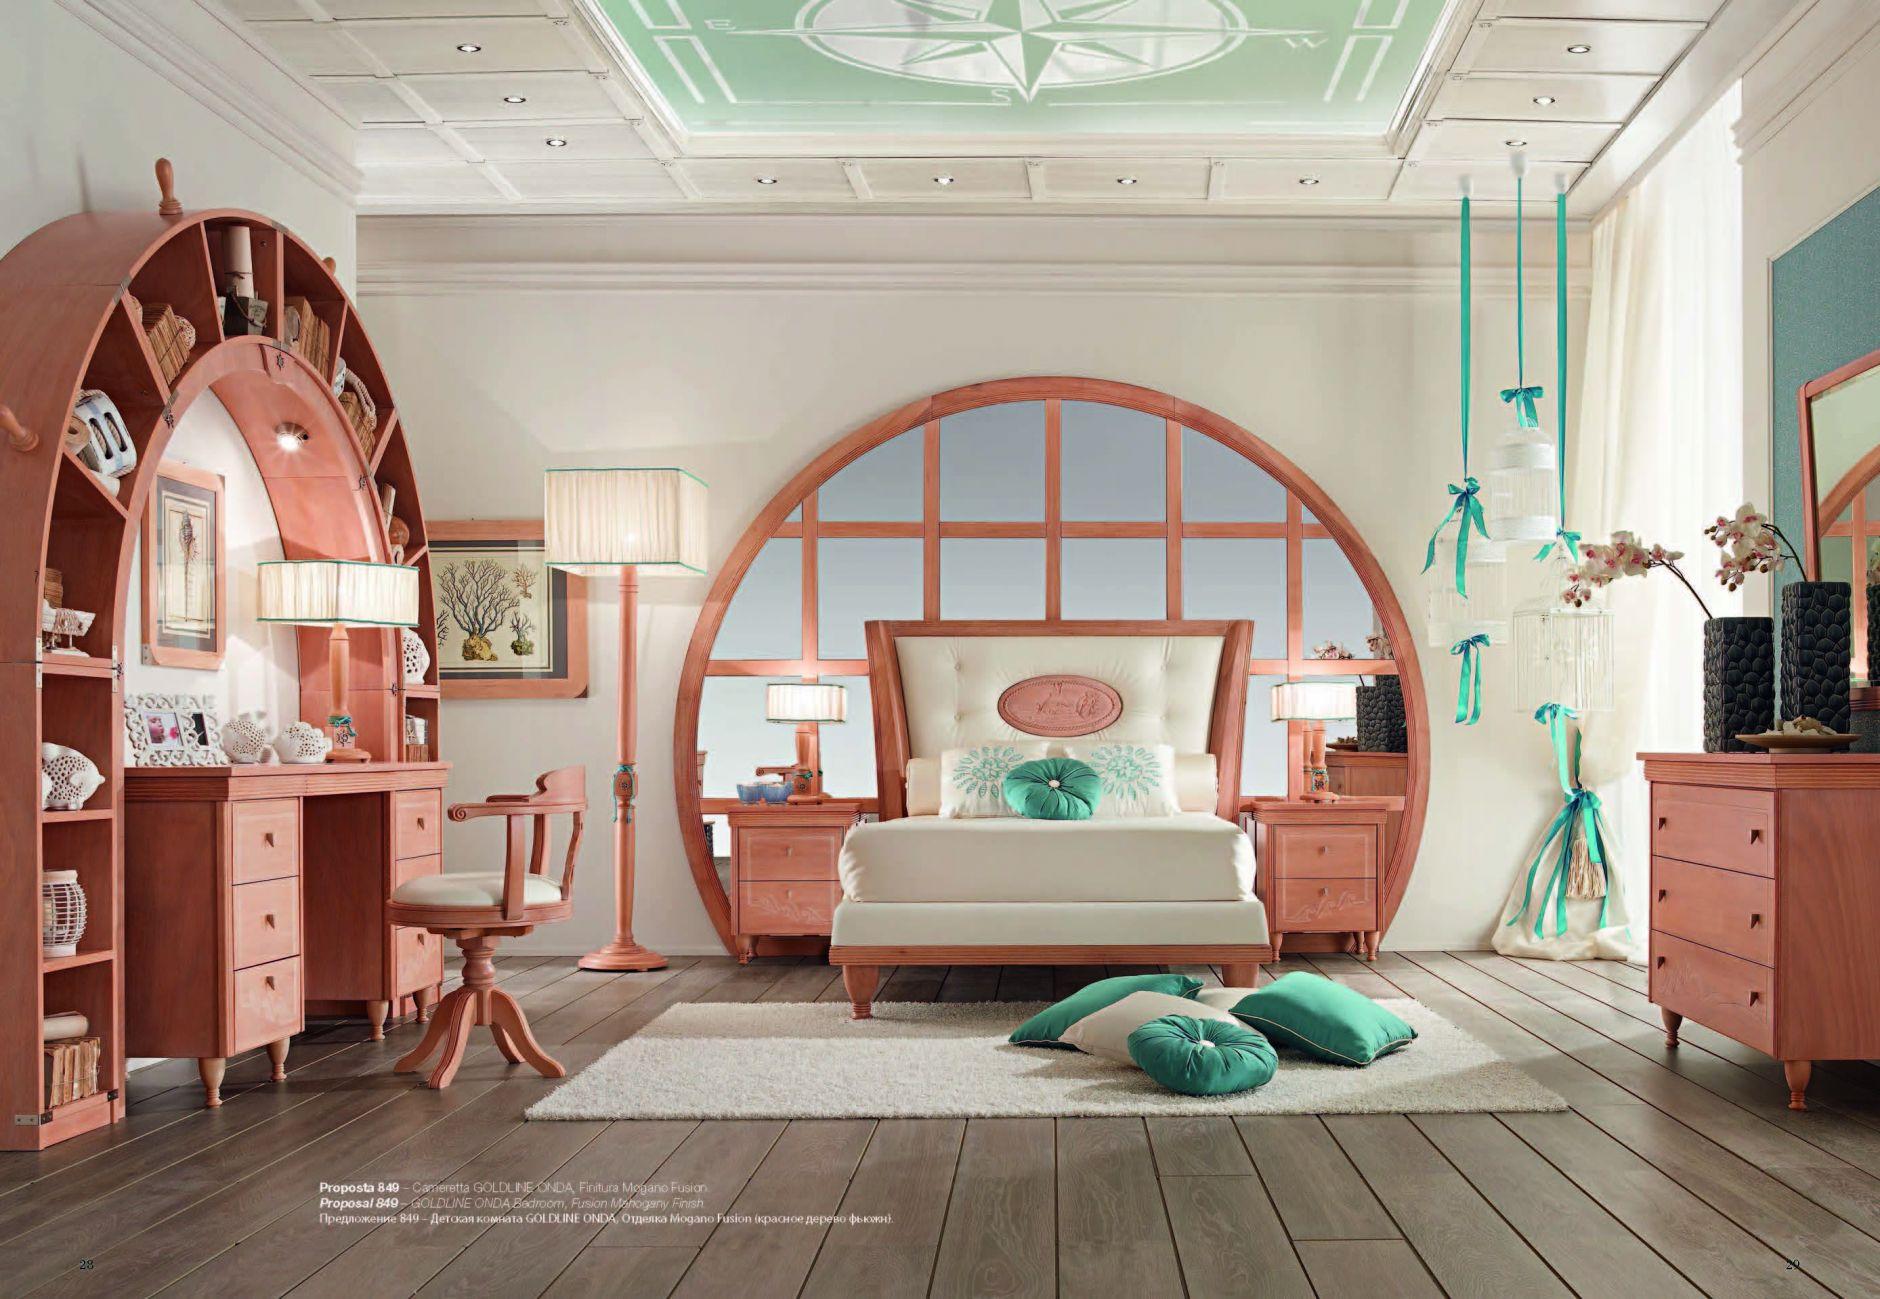 Chambre a coucher style turque rechercher les fabricants for Chambre a coucher turque prix